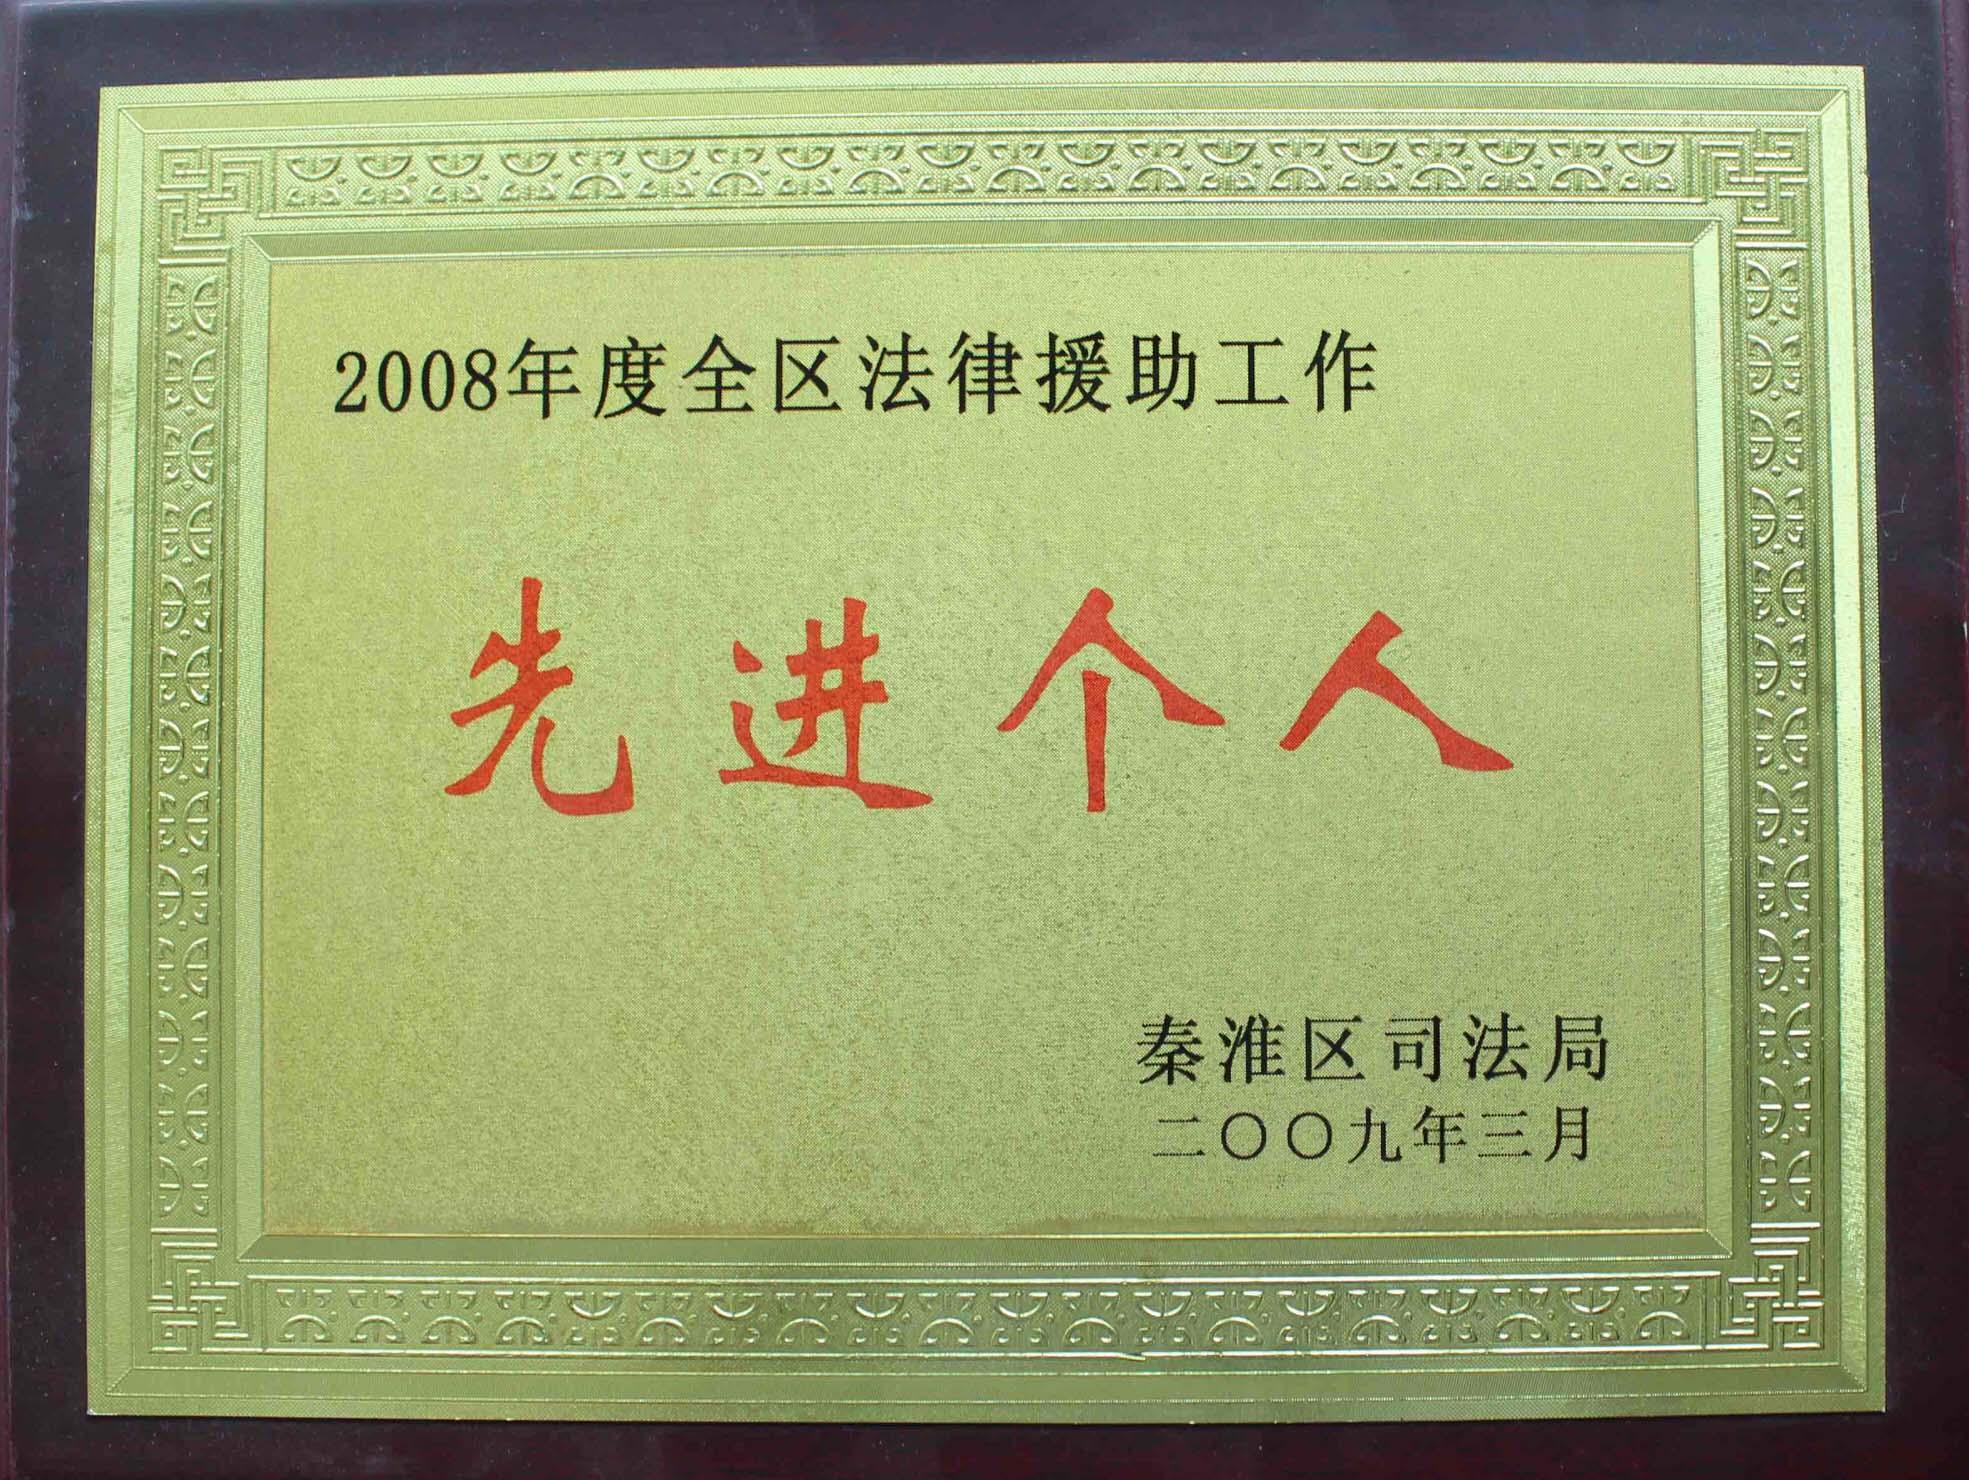 2008年秦淮區法律援助 先進個人